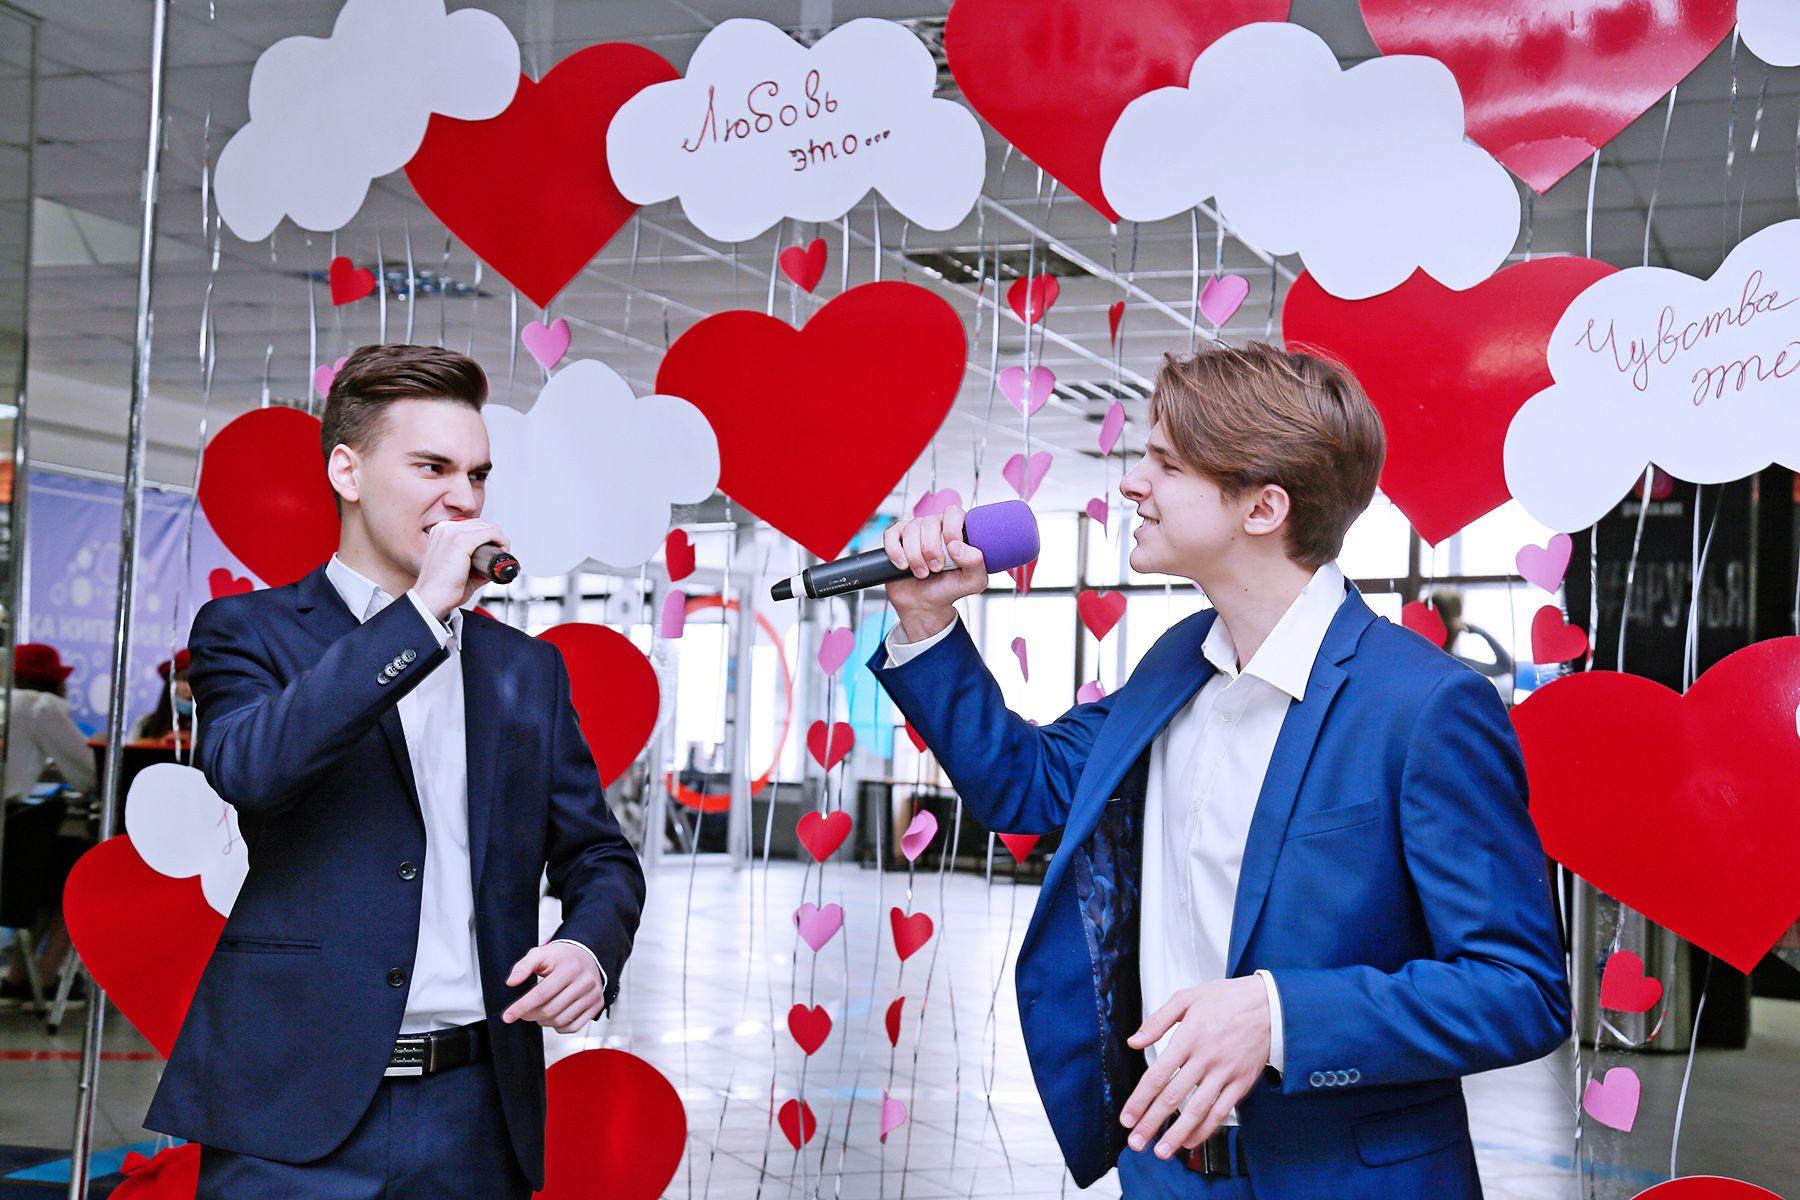 Тест на совместимость в трендах TikTok и поиск пары по правилам Tinder: студенты ВГУЭС отметили День Святого Валентина, гуляя по французским провинциям